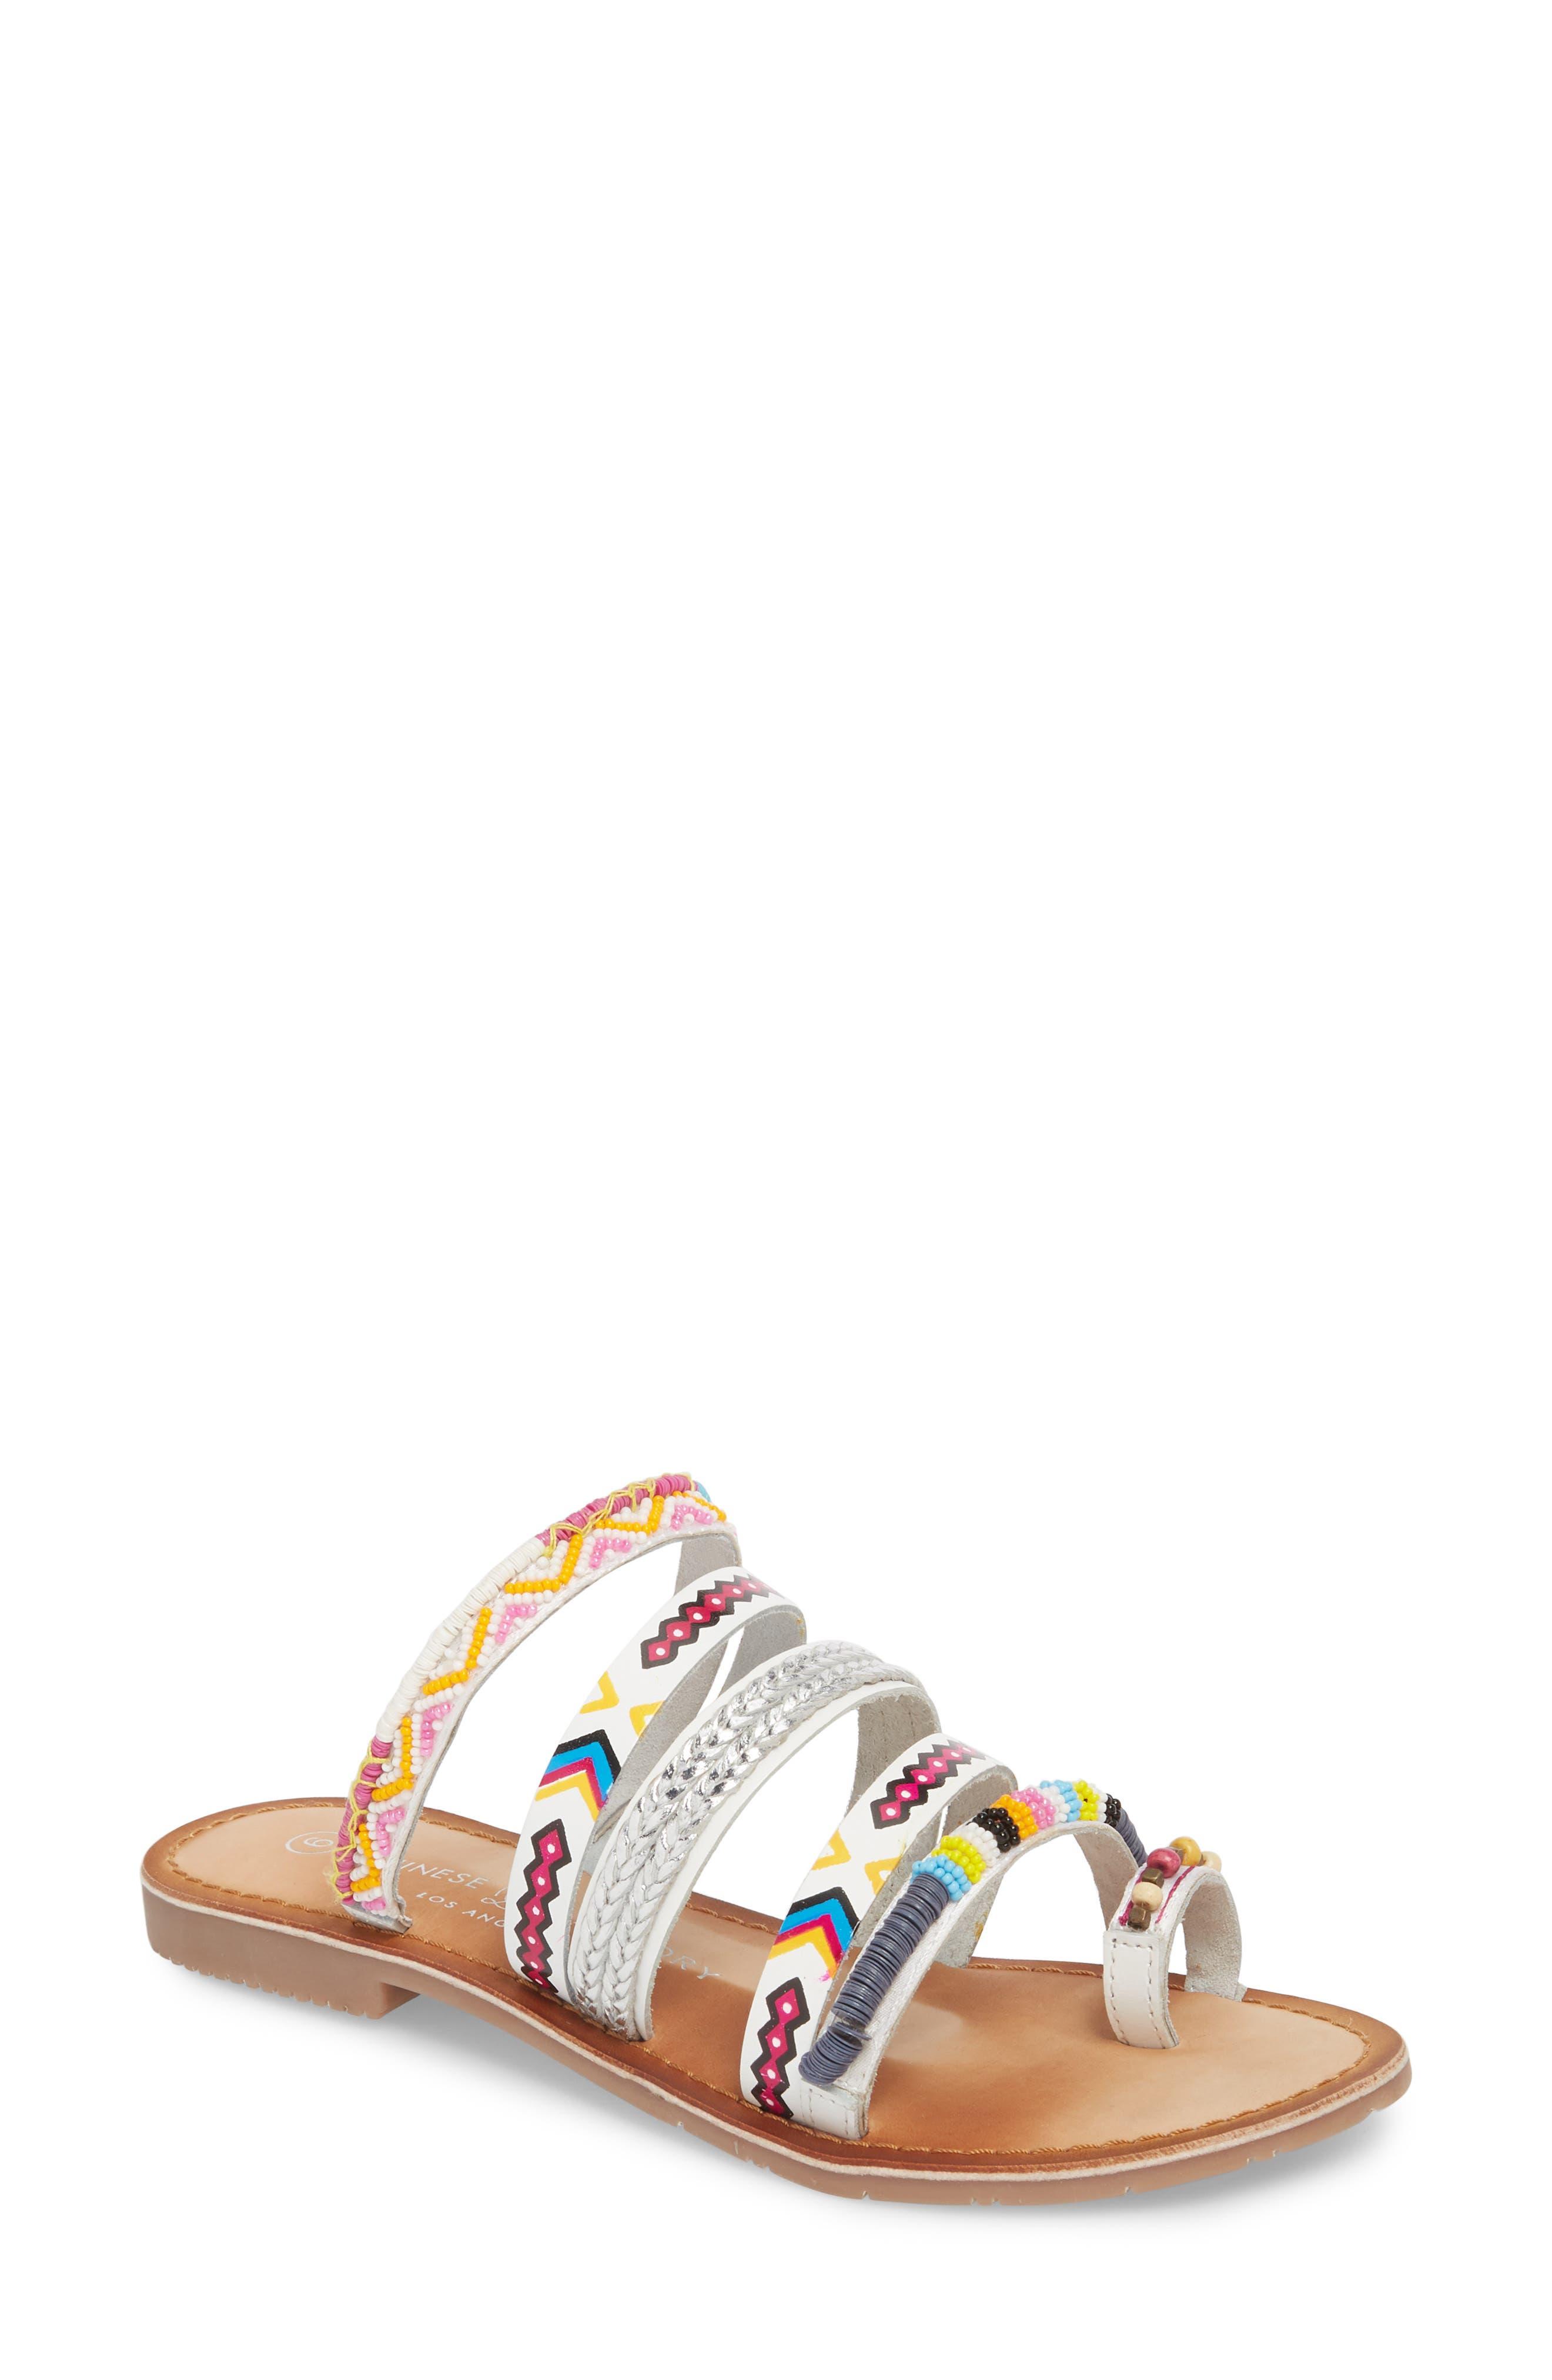 Pandora Embellished Slide Sandal,                         Main,                         color, 100